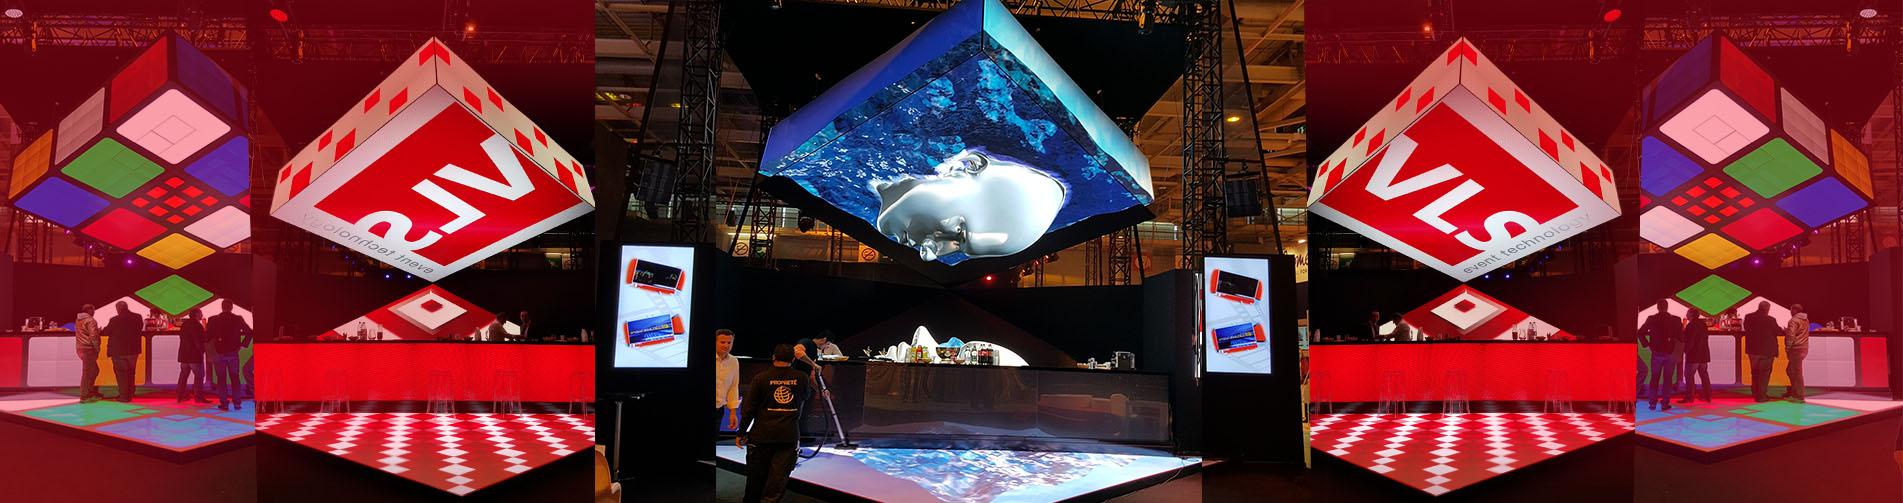 cube 3D LED VLS HEAVENT PARIS 2015